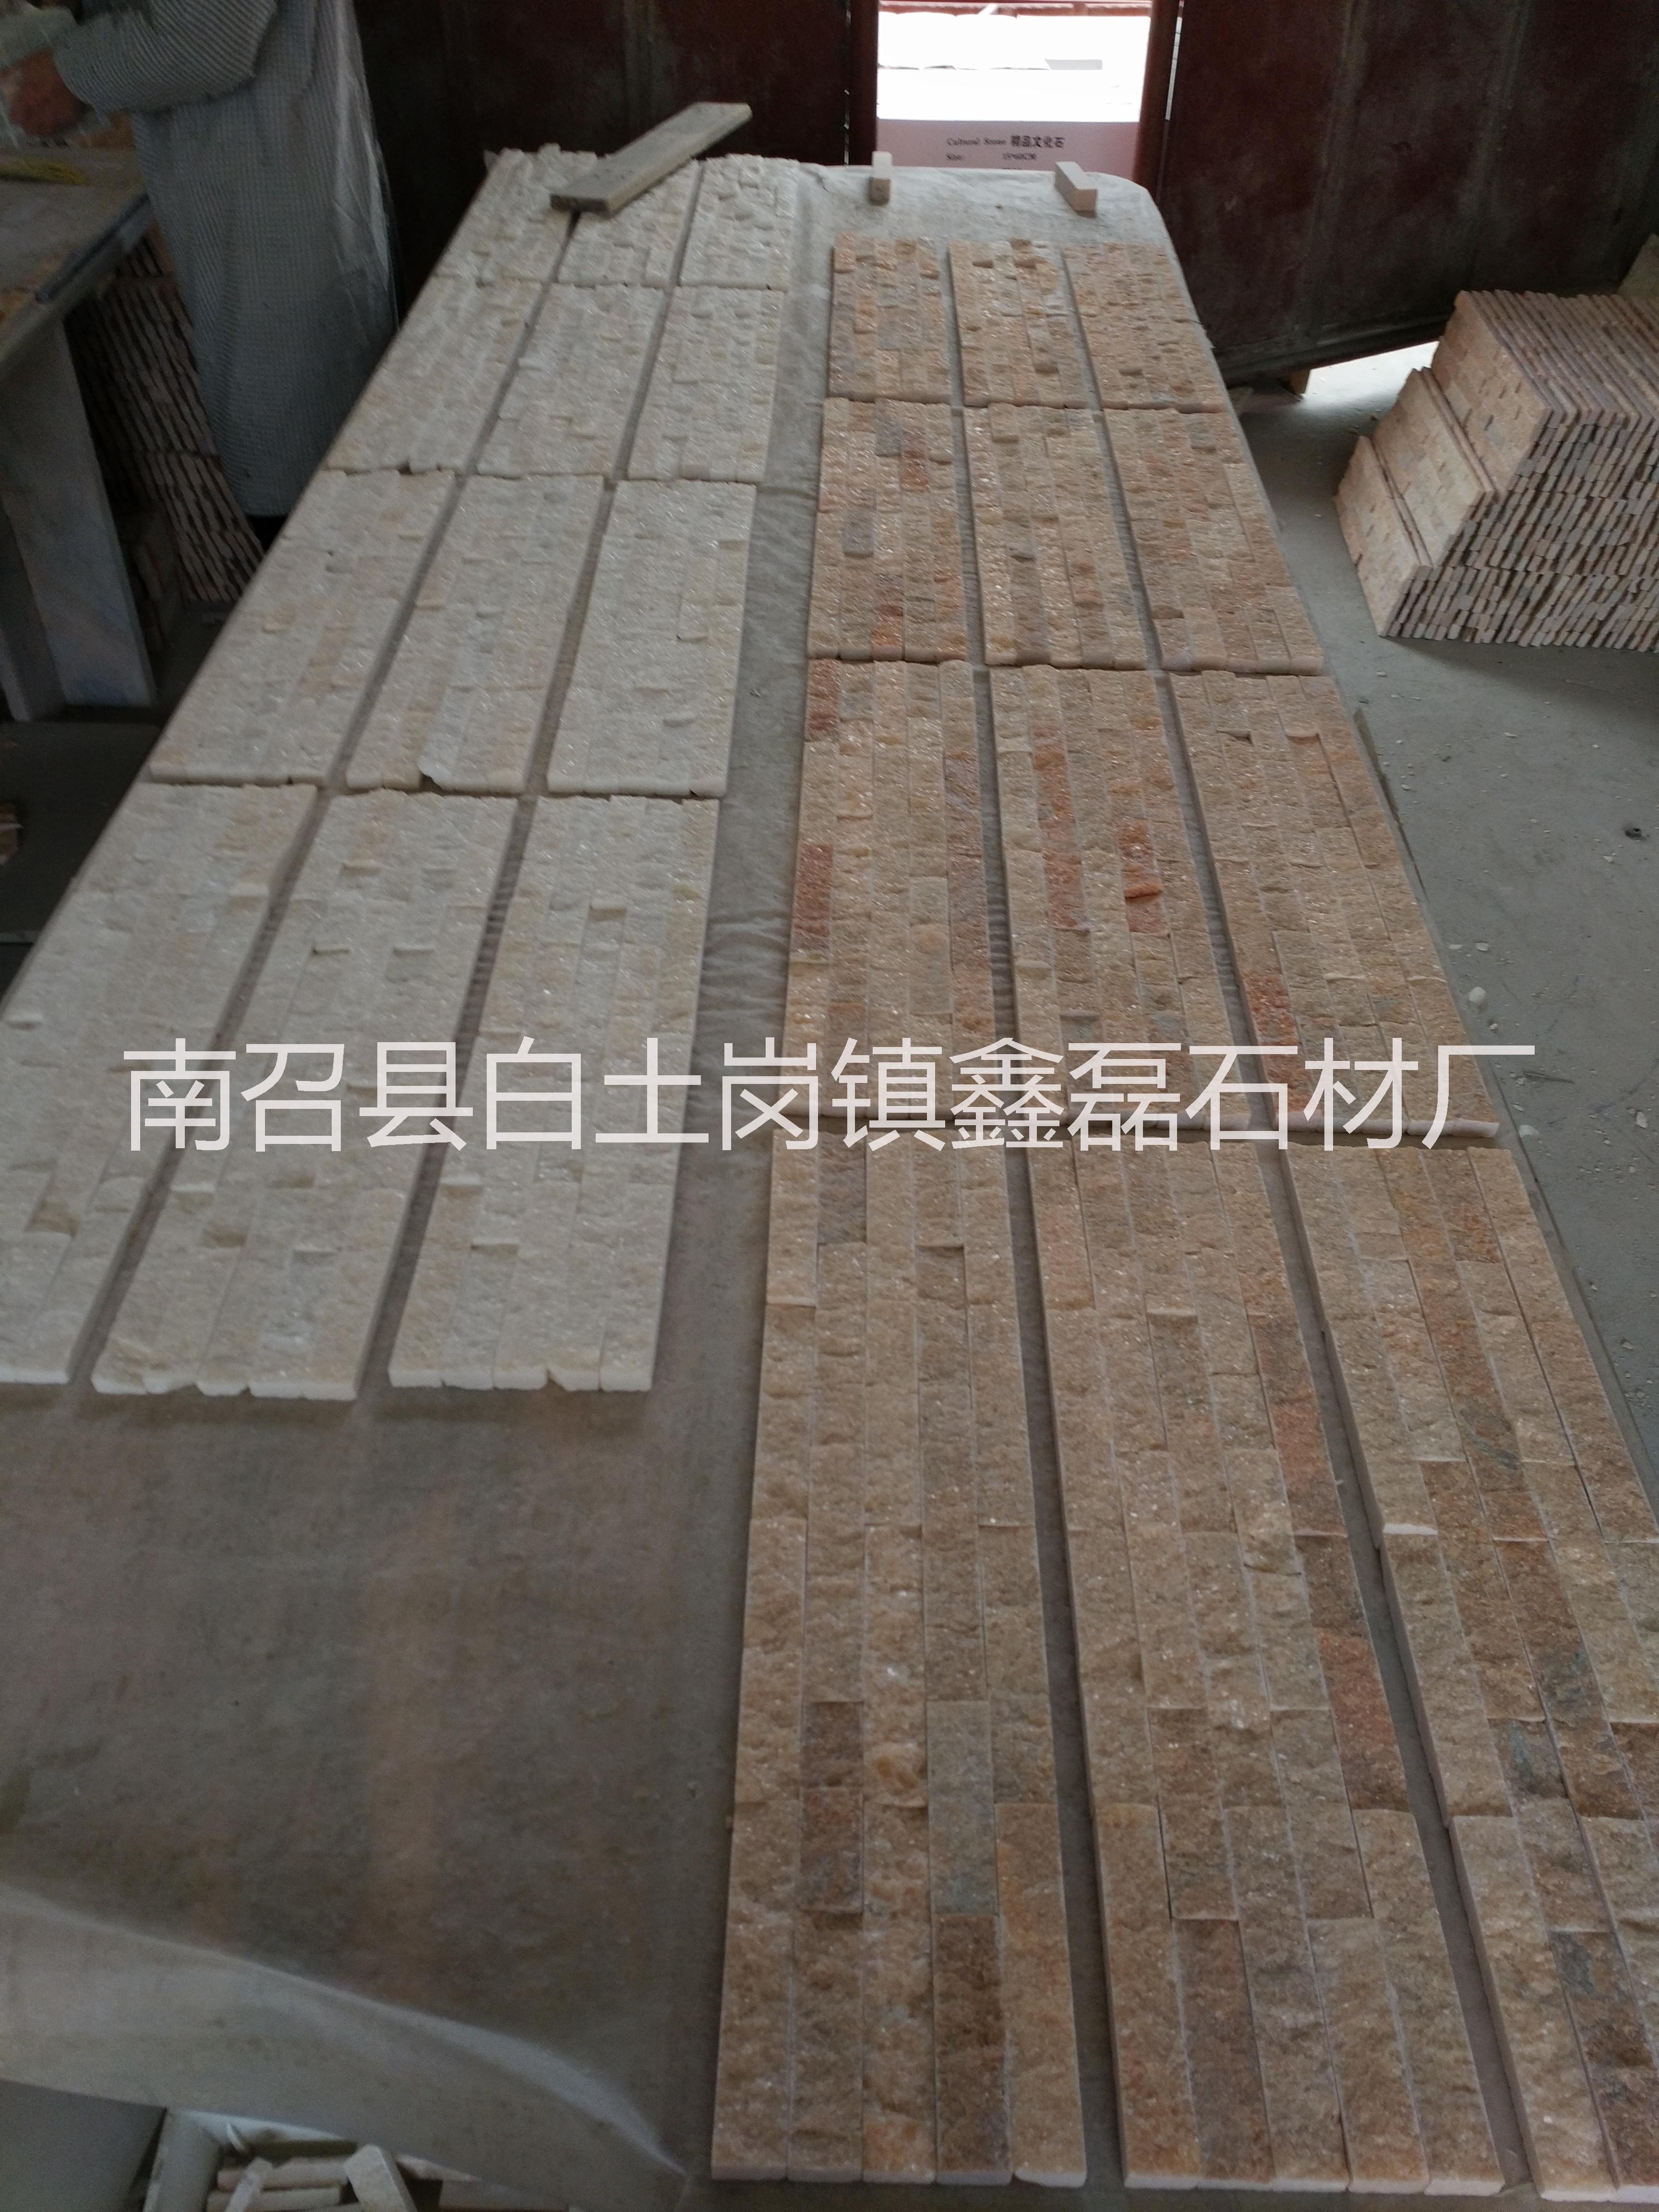 河南天然贴条艺术砖条石阳台砖背景墙砖 河南文化石内墙砖背景墙砖室内外通体砖